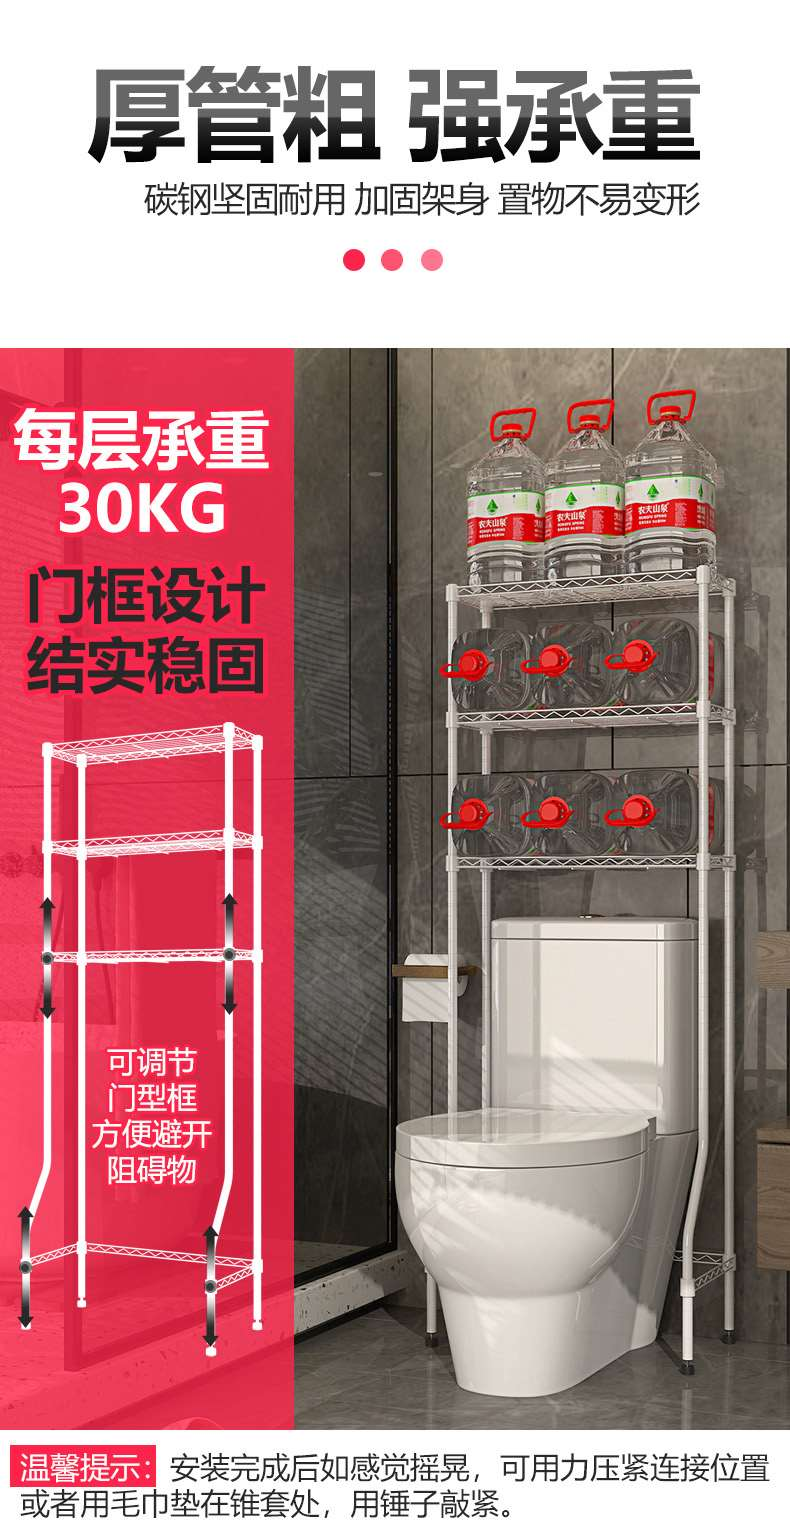 浴室卫生间马桶收纳架CJ-B1451 (6)